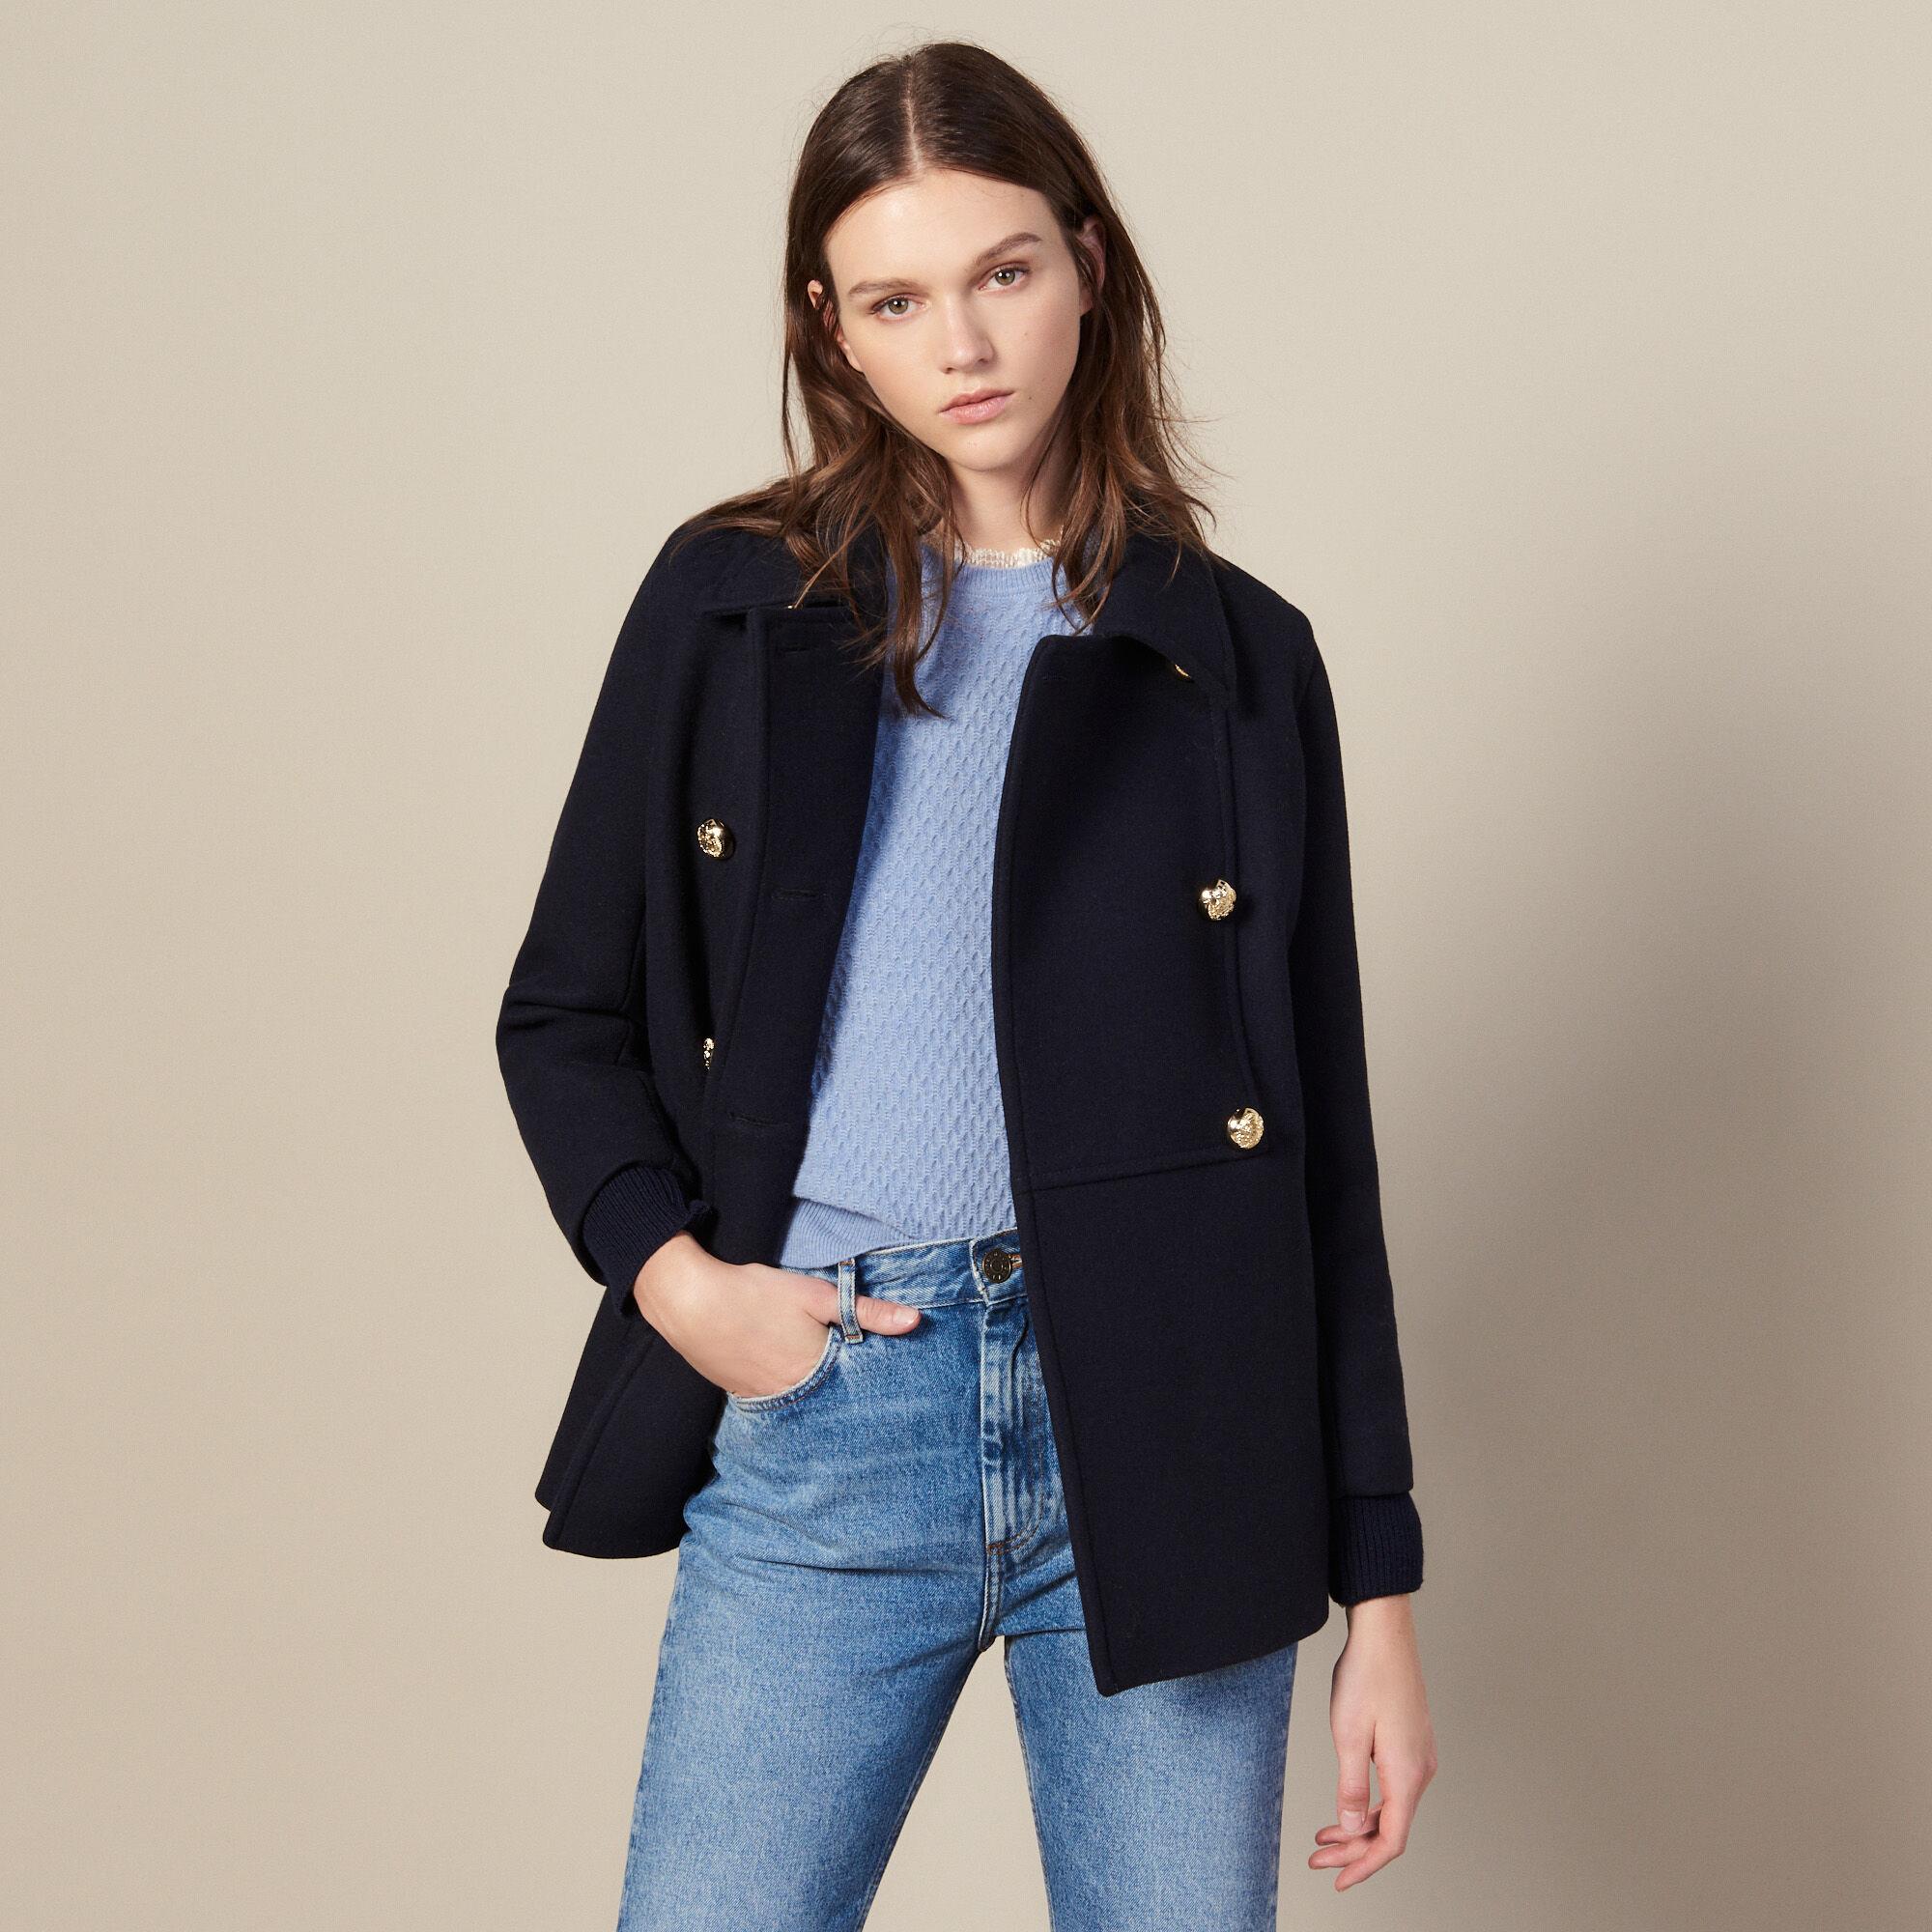 Manteau femme : nos trench & manteaux chauds pour l'hiver